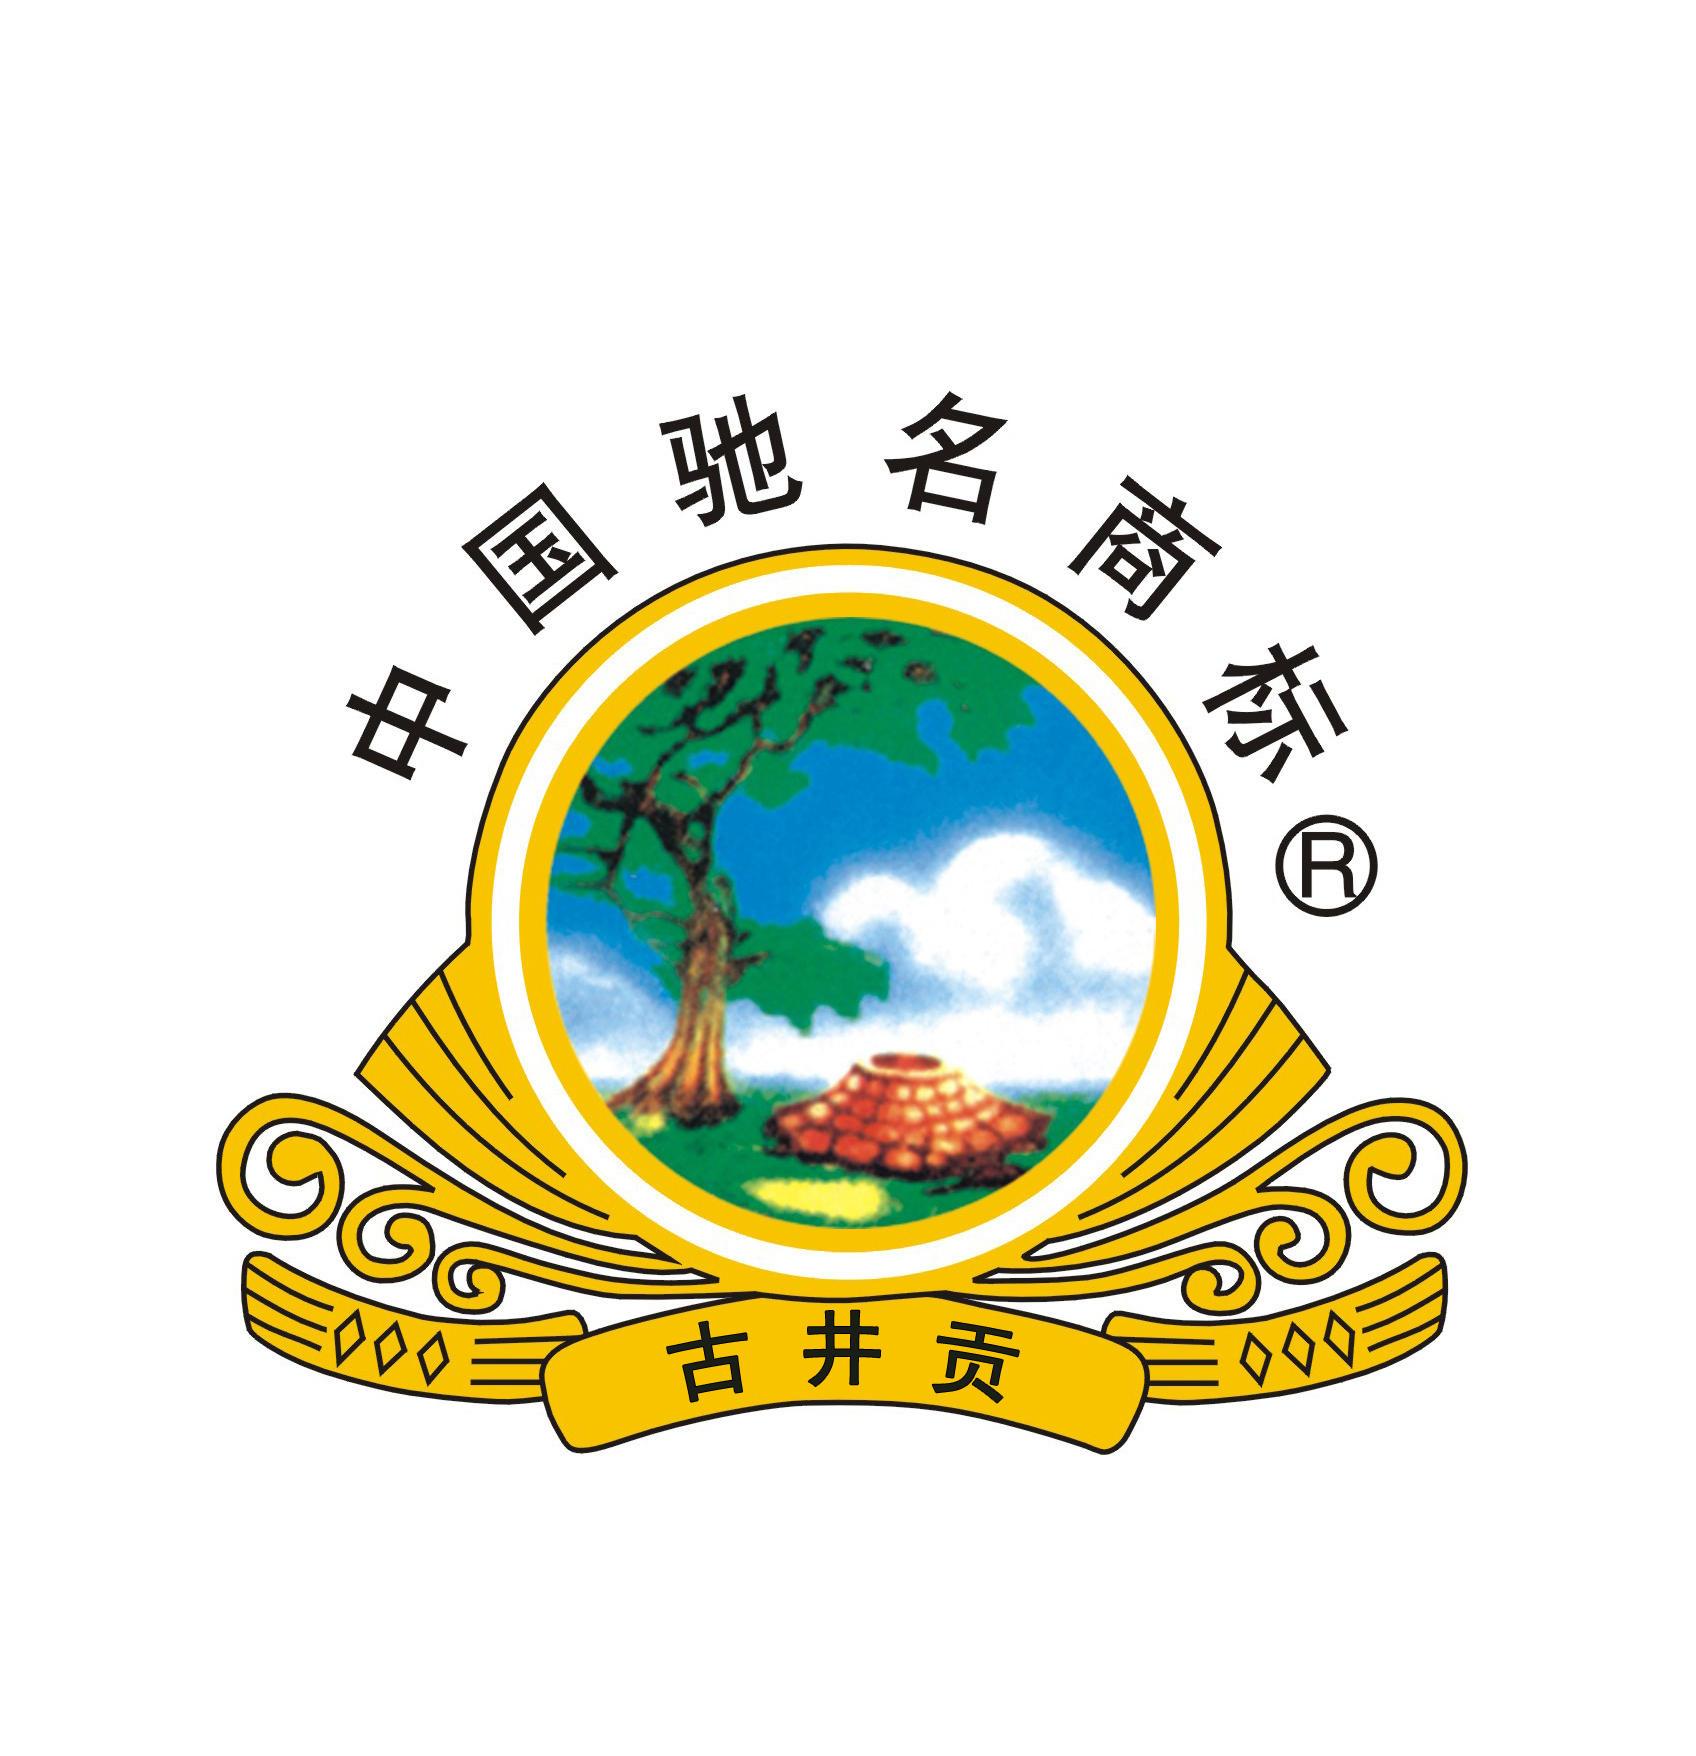 官方古井贡酒旗舰店联系方式善融个人商务尚略包装设计公司图片